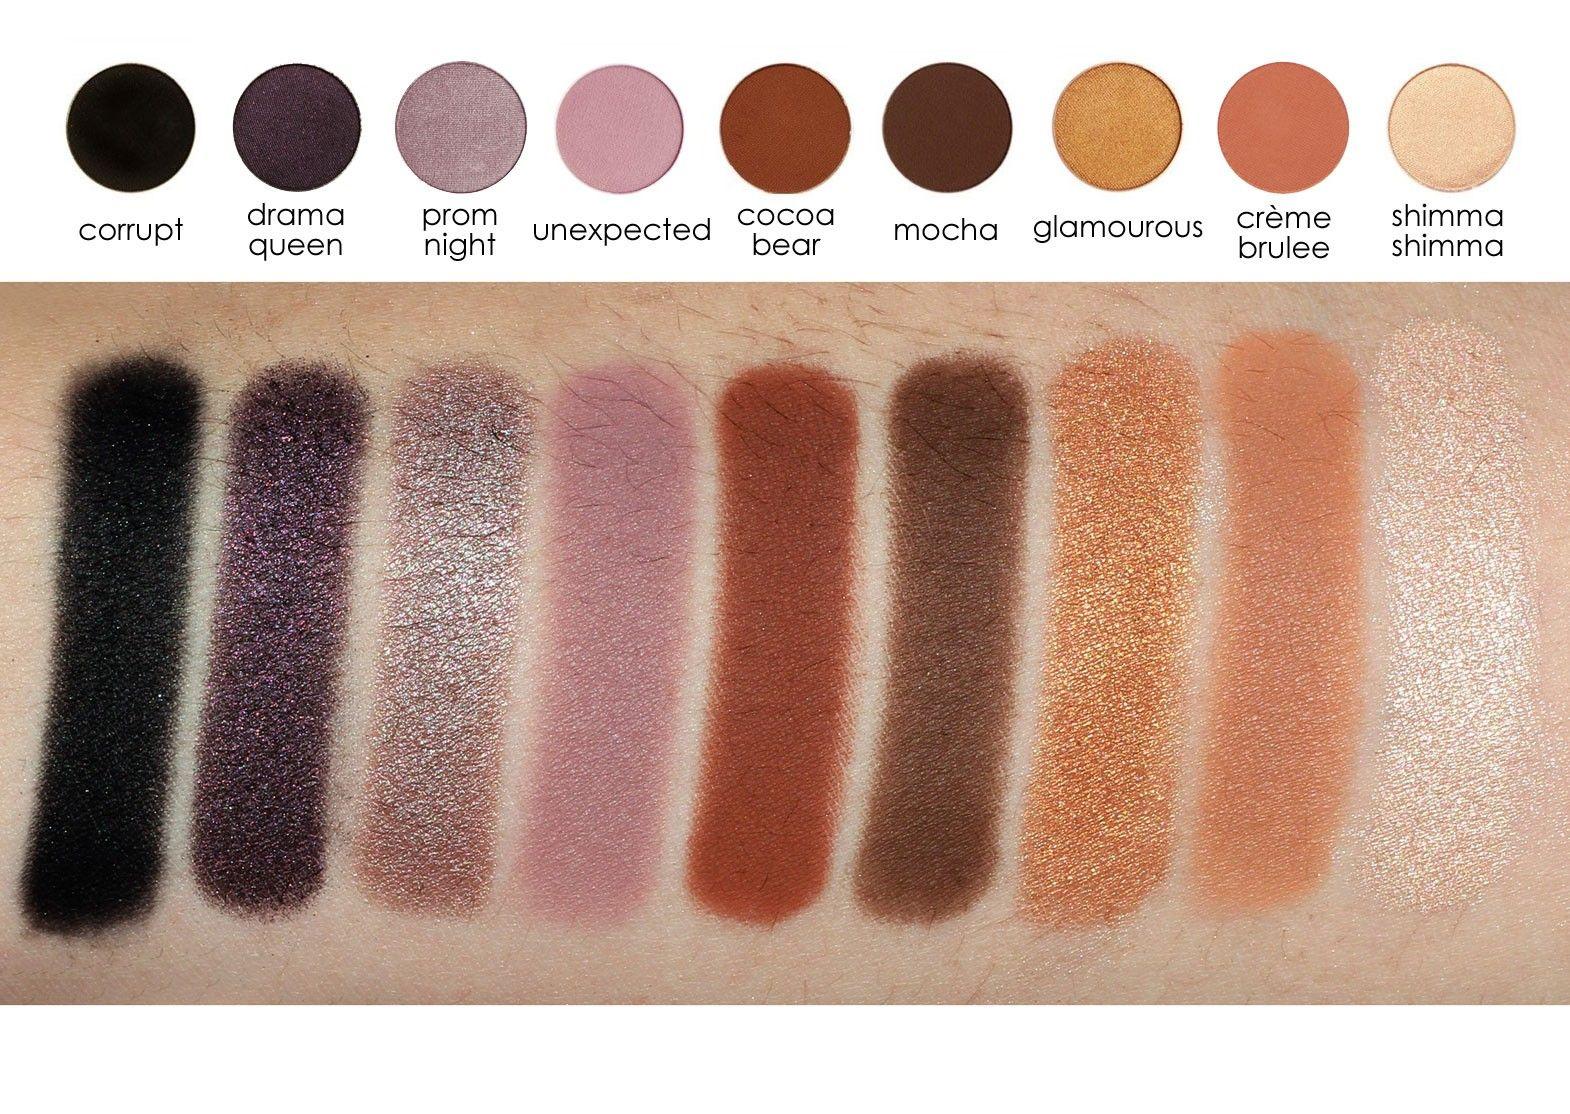 Makeup geek eyeshadow review